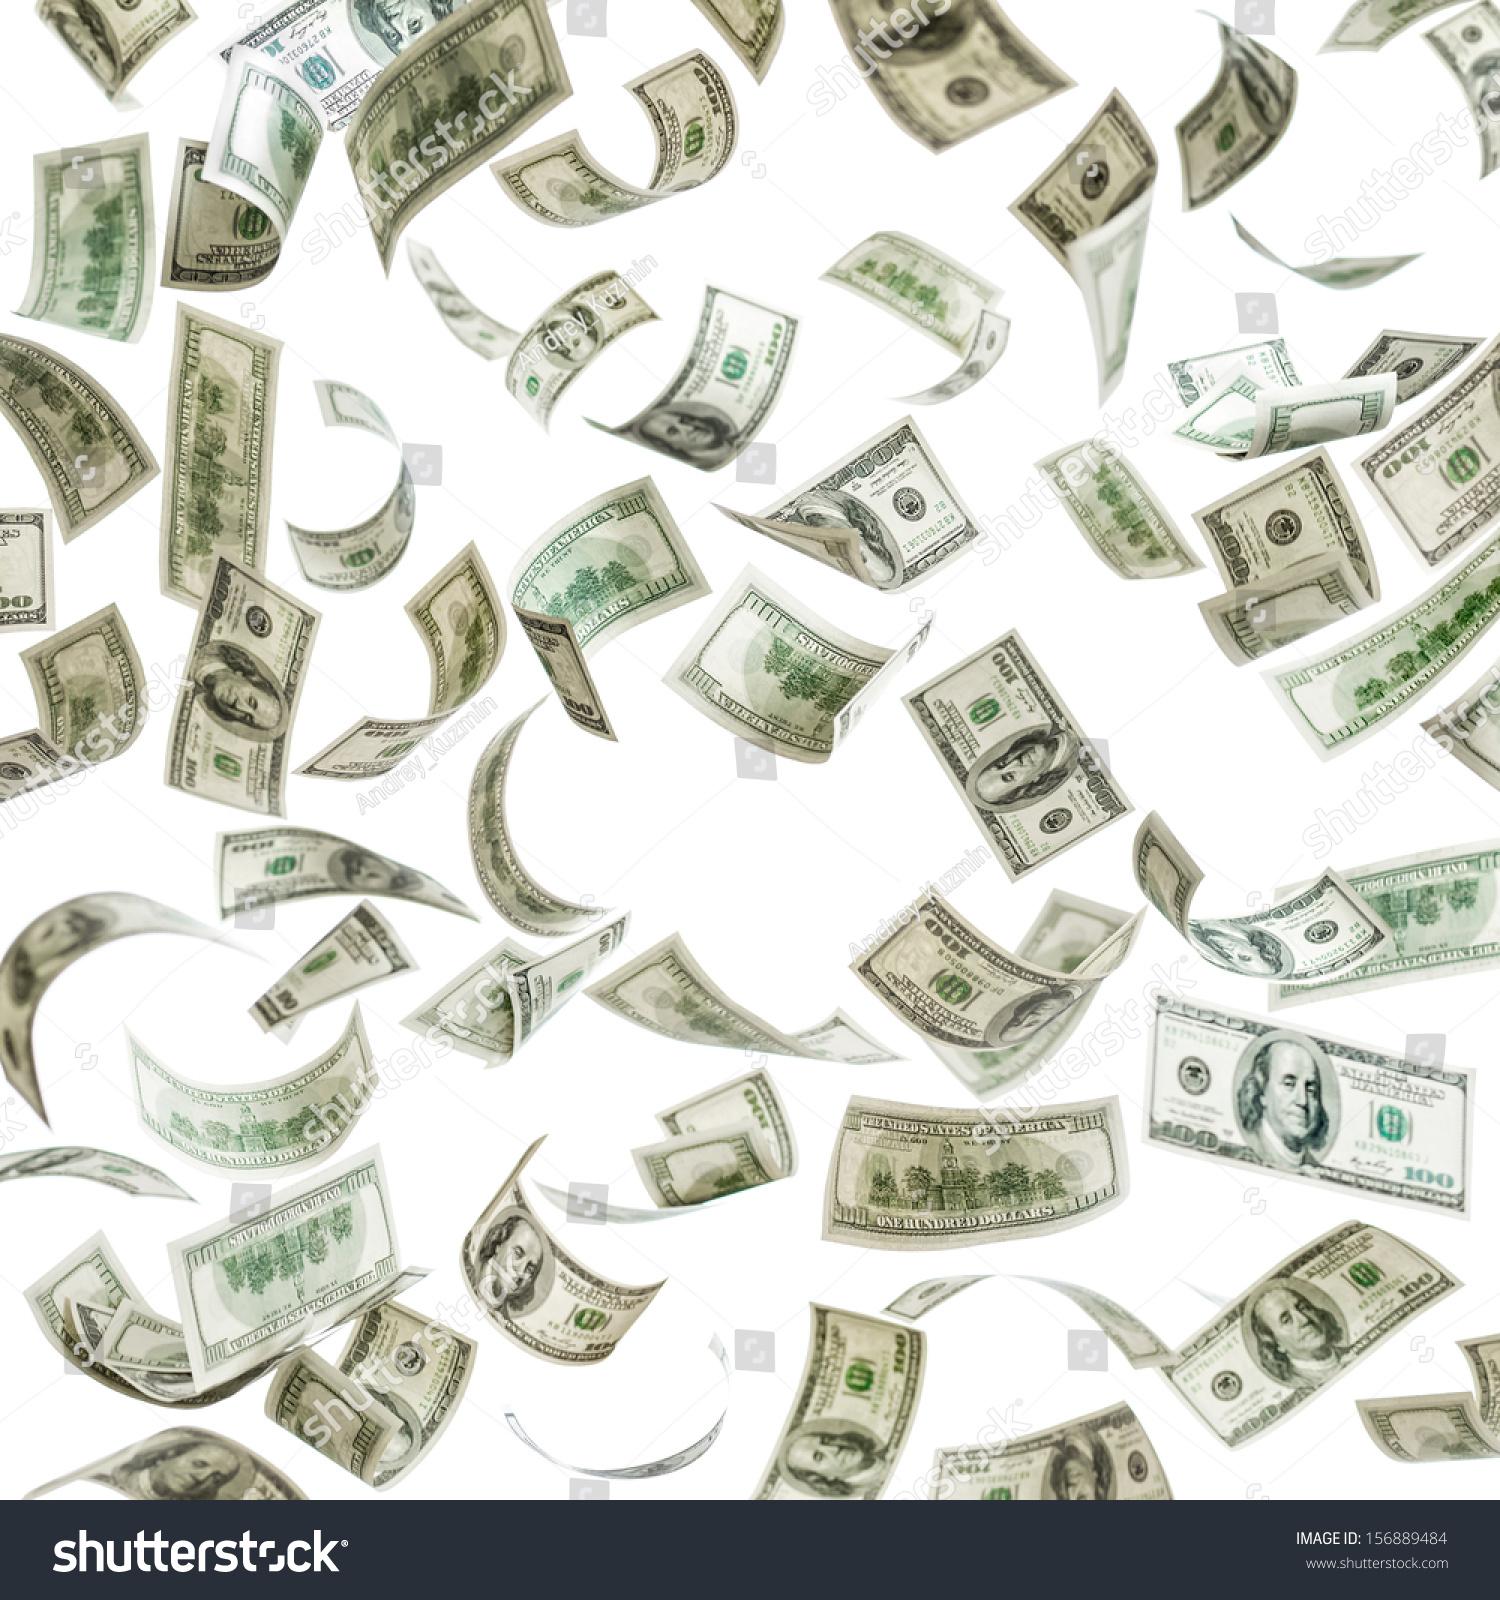 dollar bills falling on - photo #11